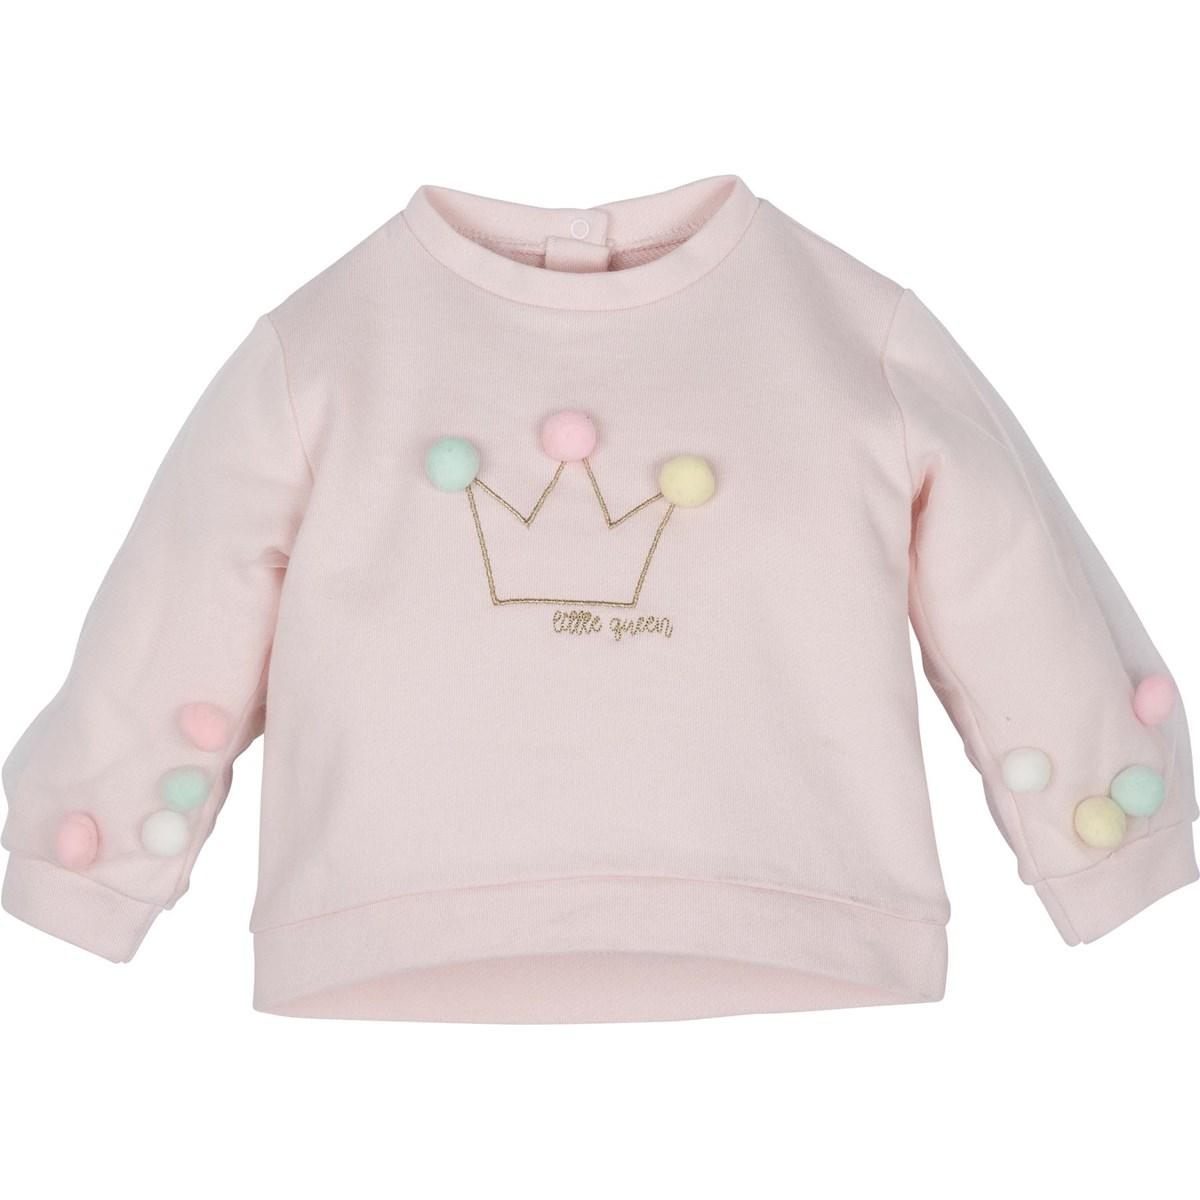 12313 Sweatshirt 1